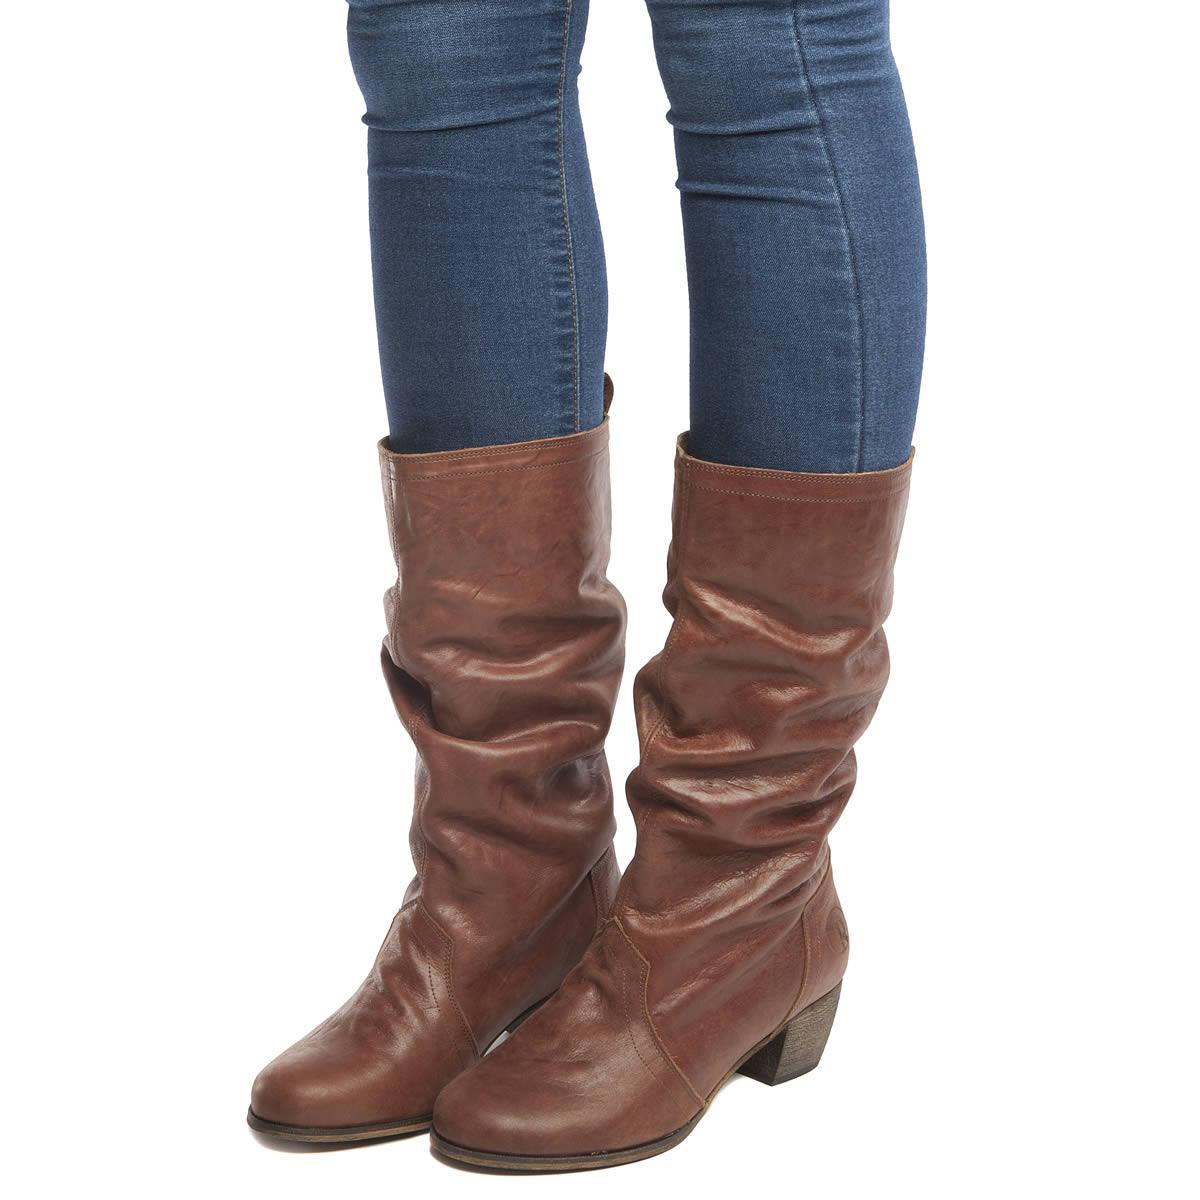 Damen Hellbraun Gute red or dead Marlene Boots | schuh Gute Hellbraun Qualität beliebte Schuhe 1edb13